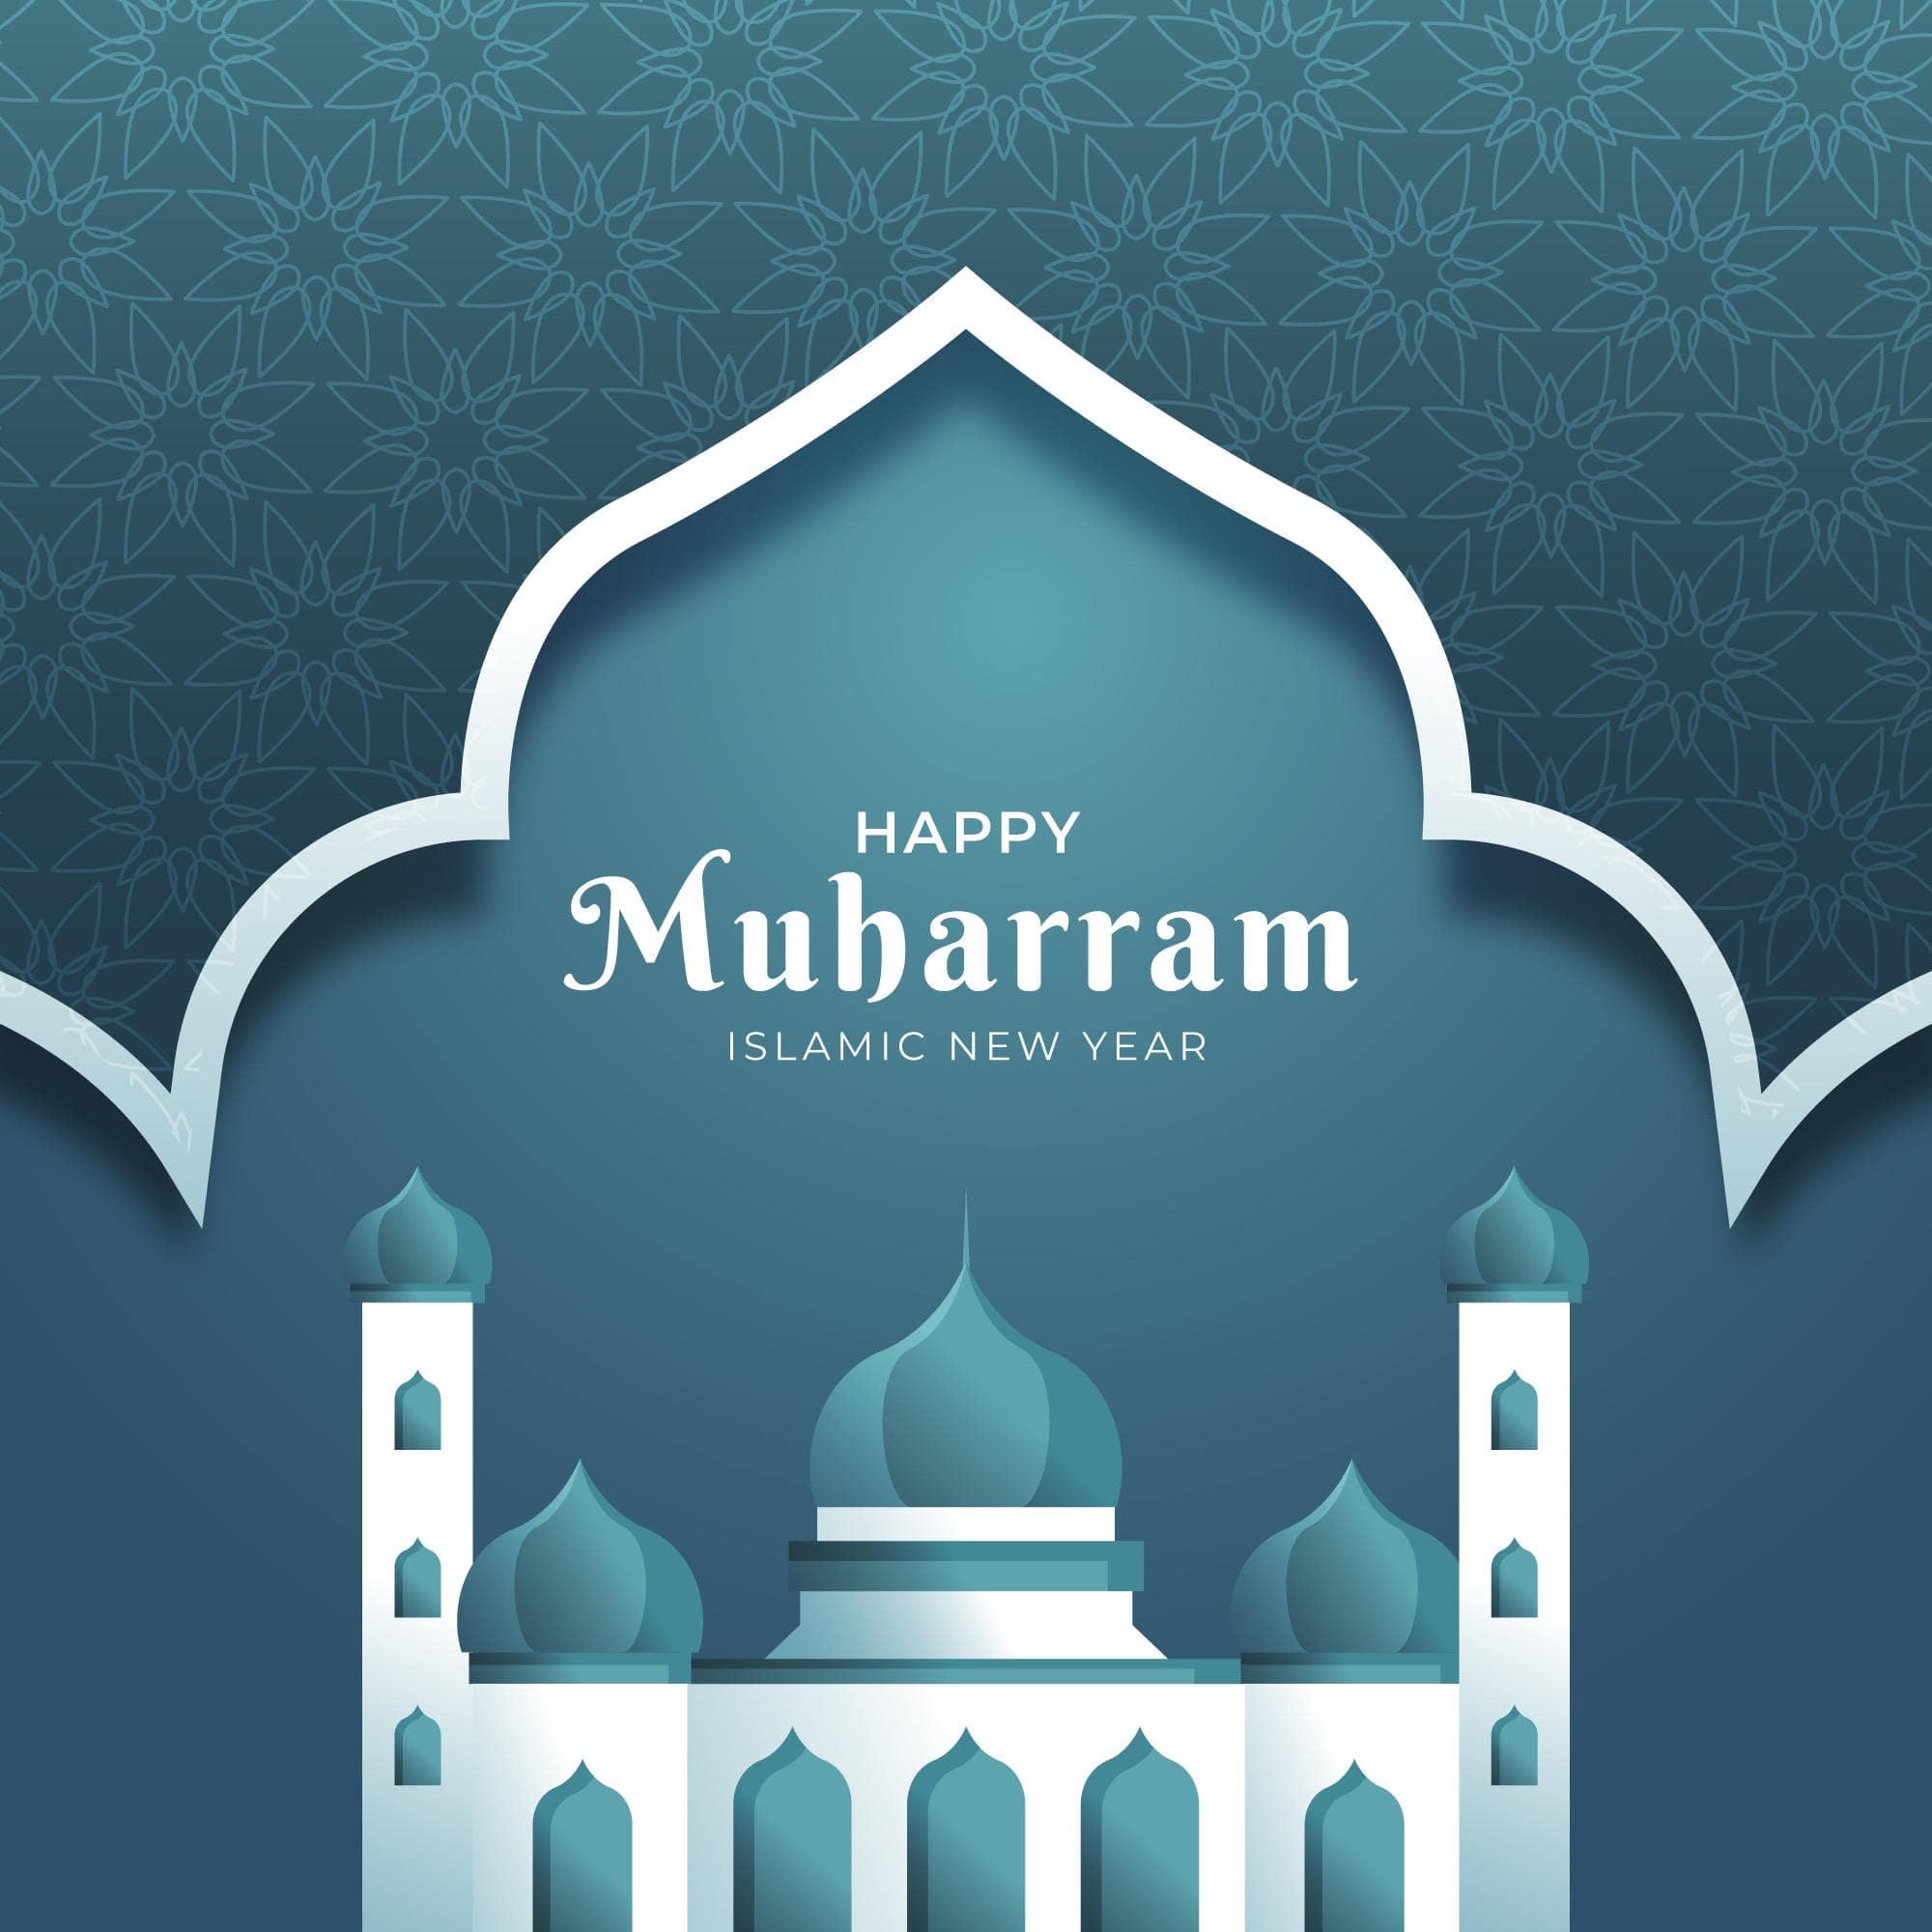 happy muharram images